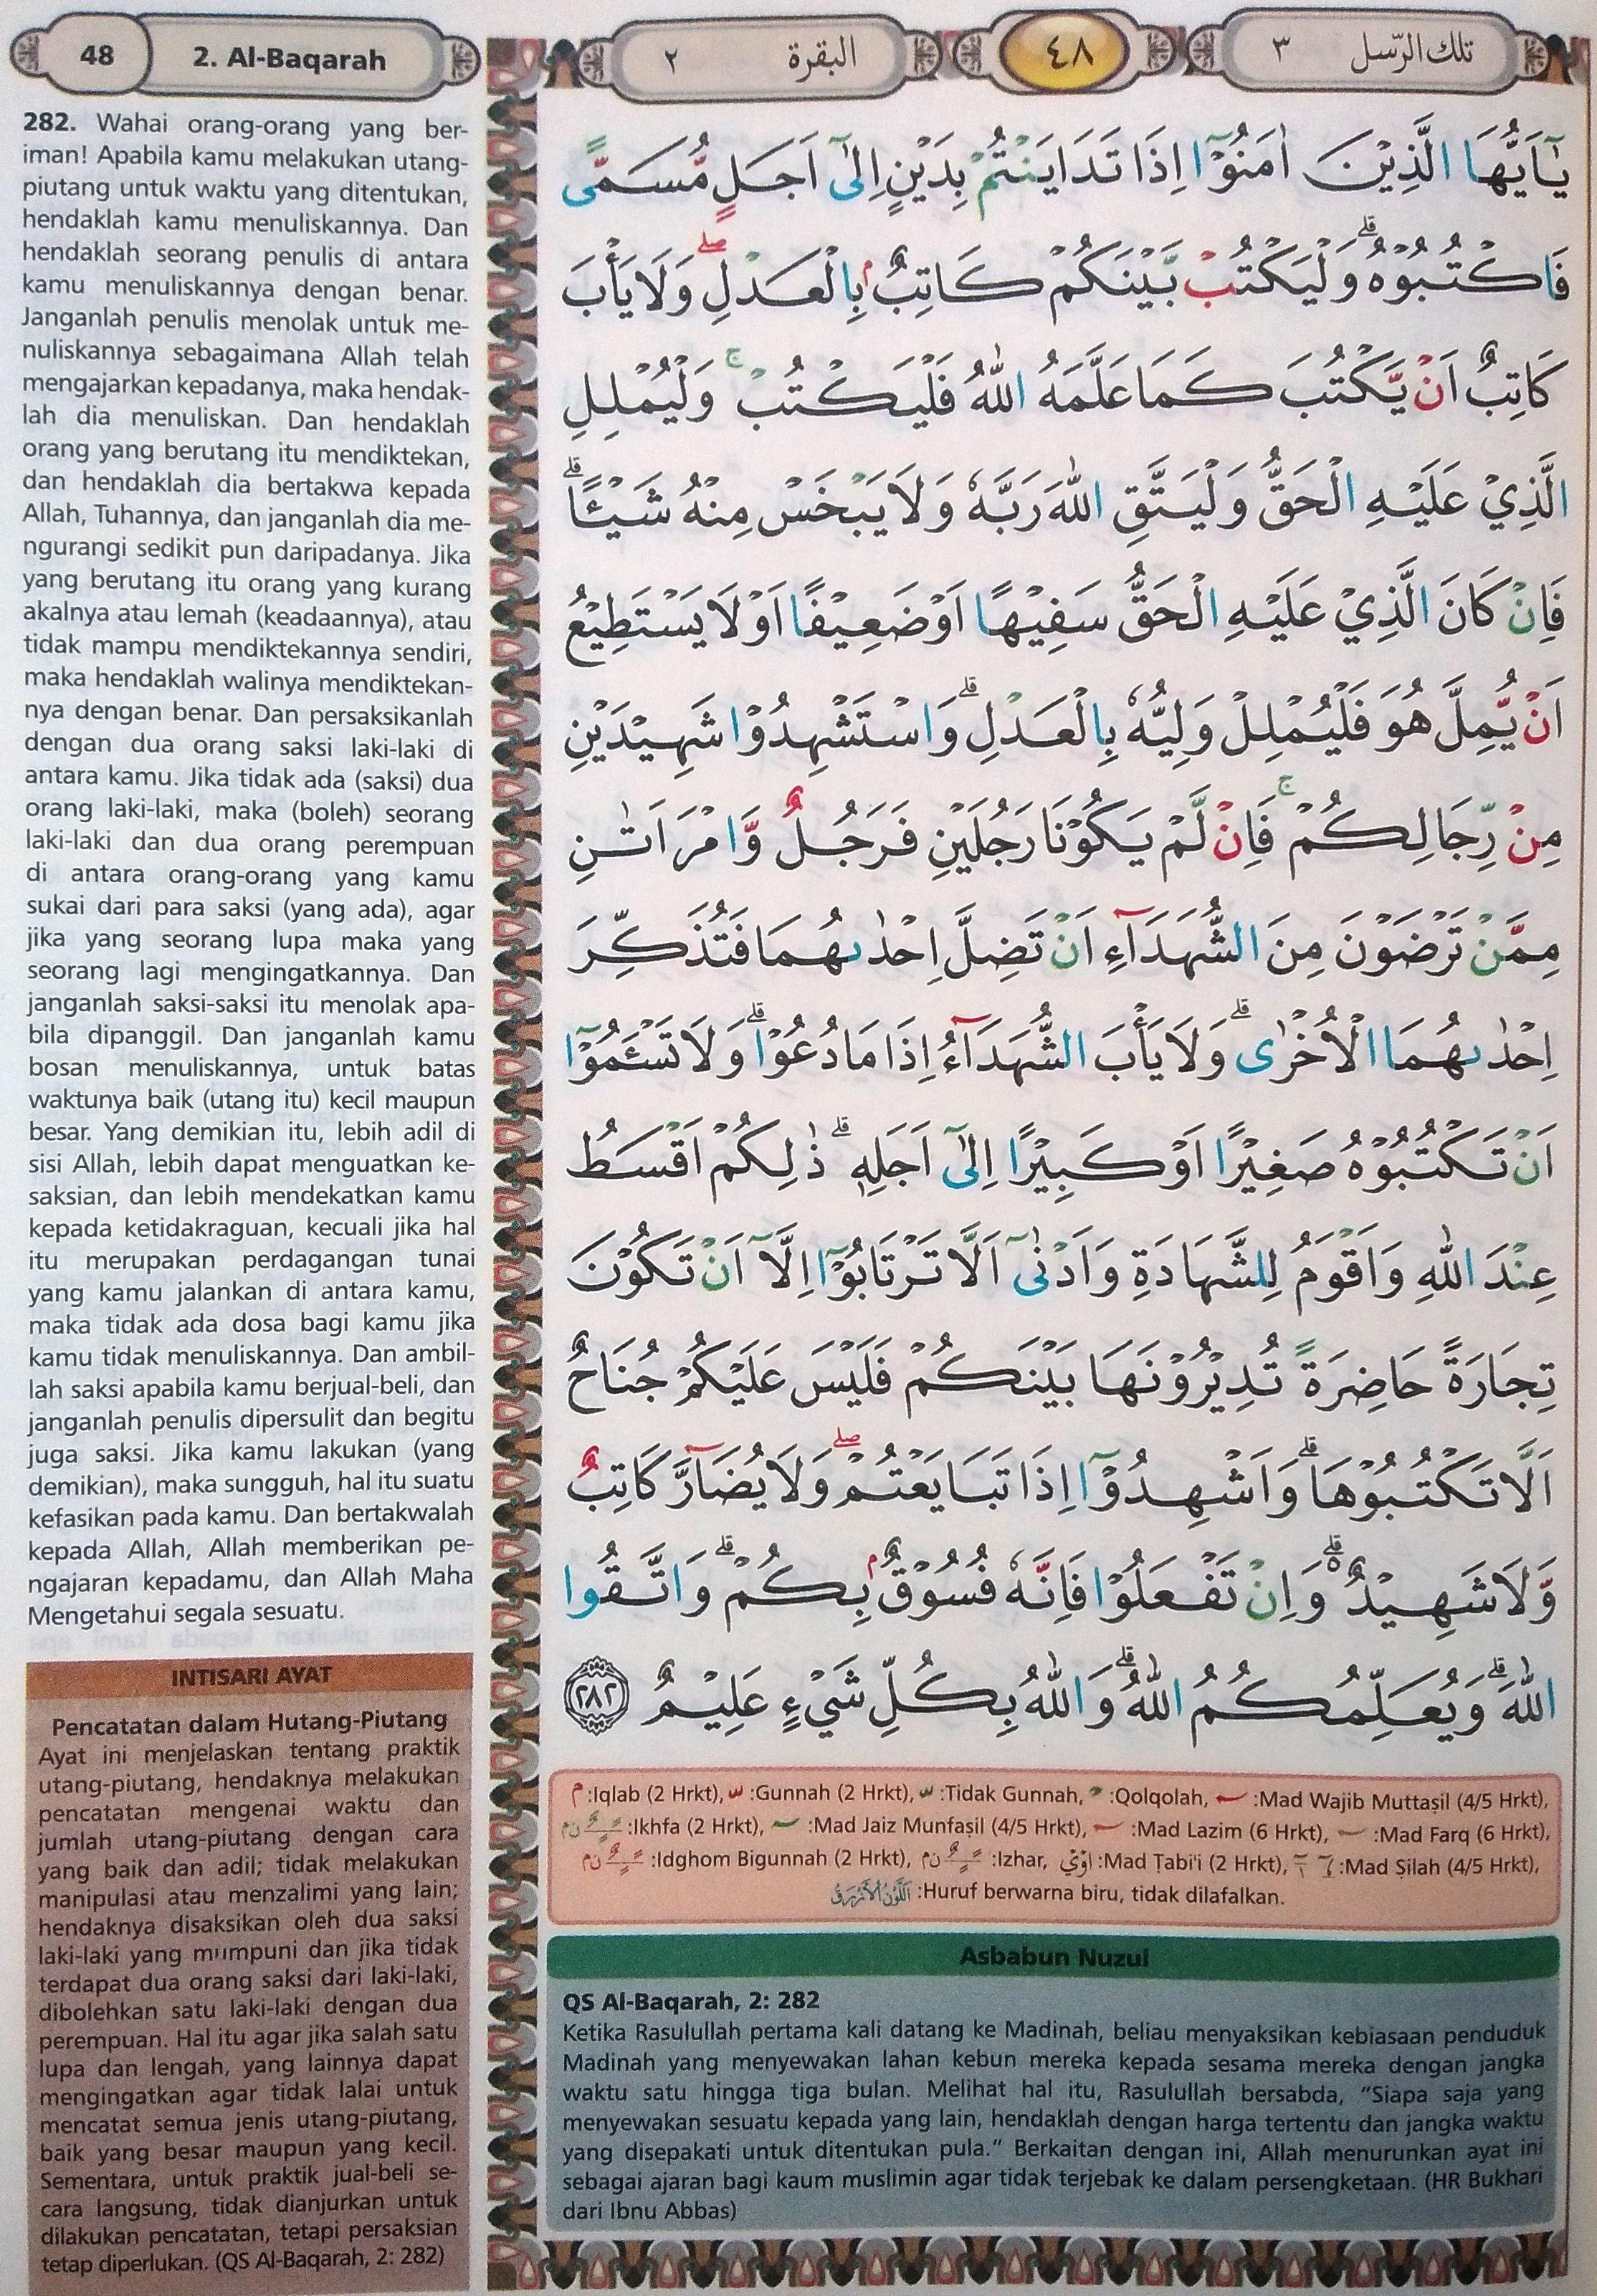 Al Baqarah 282